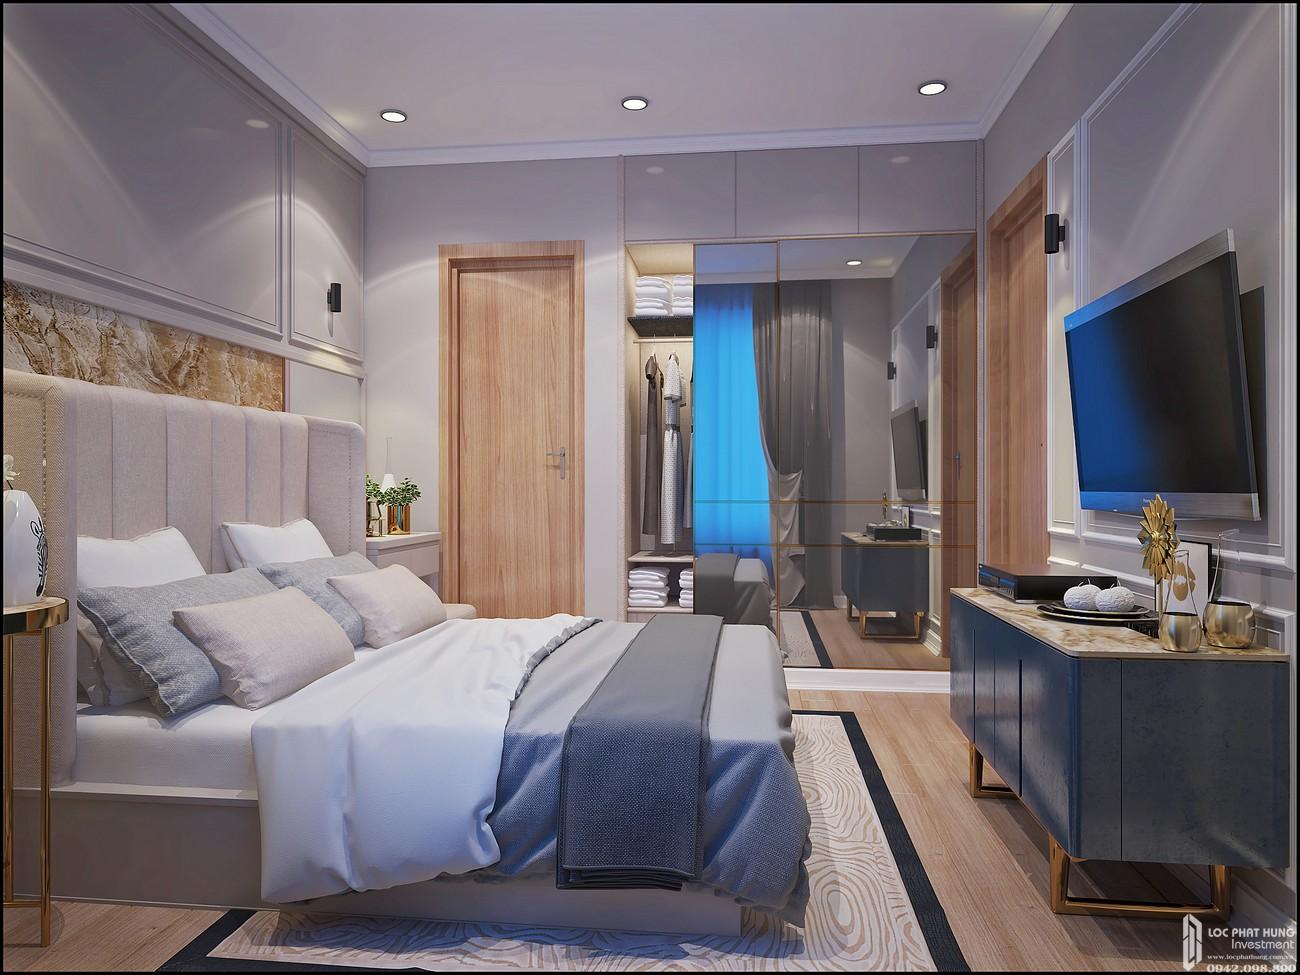 Phòng ngủ master Căn Hộ 3PN chung cư Bcons Miền Đông Dĩ An Đường Tân Lập chủ đầu tư Bcons